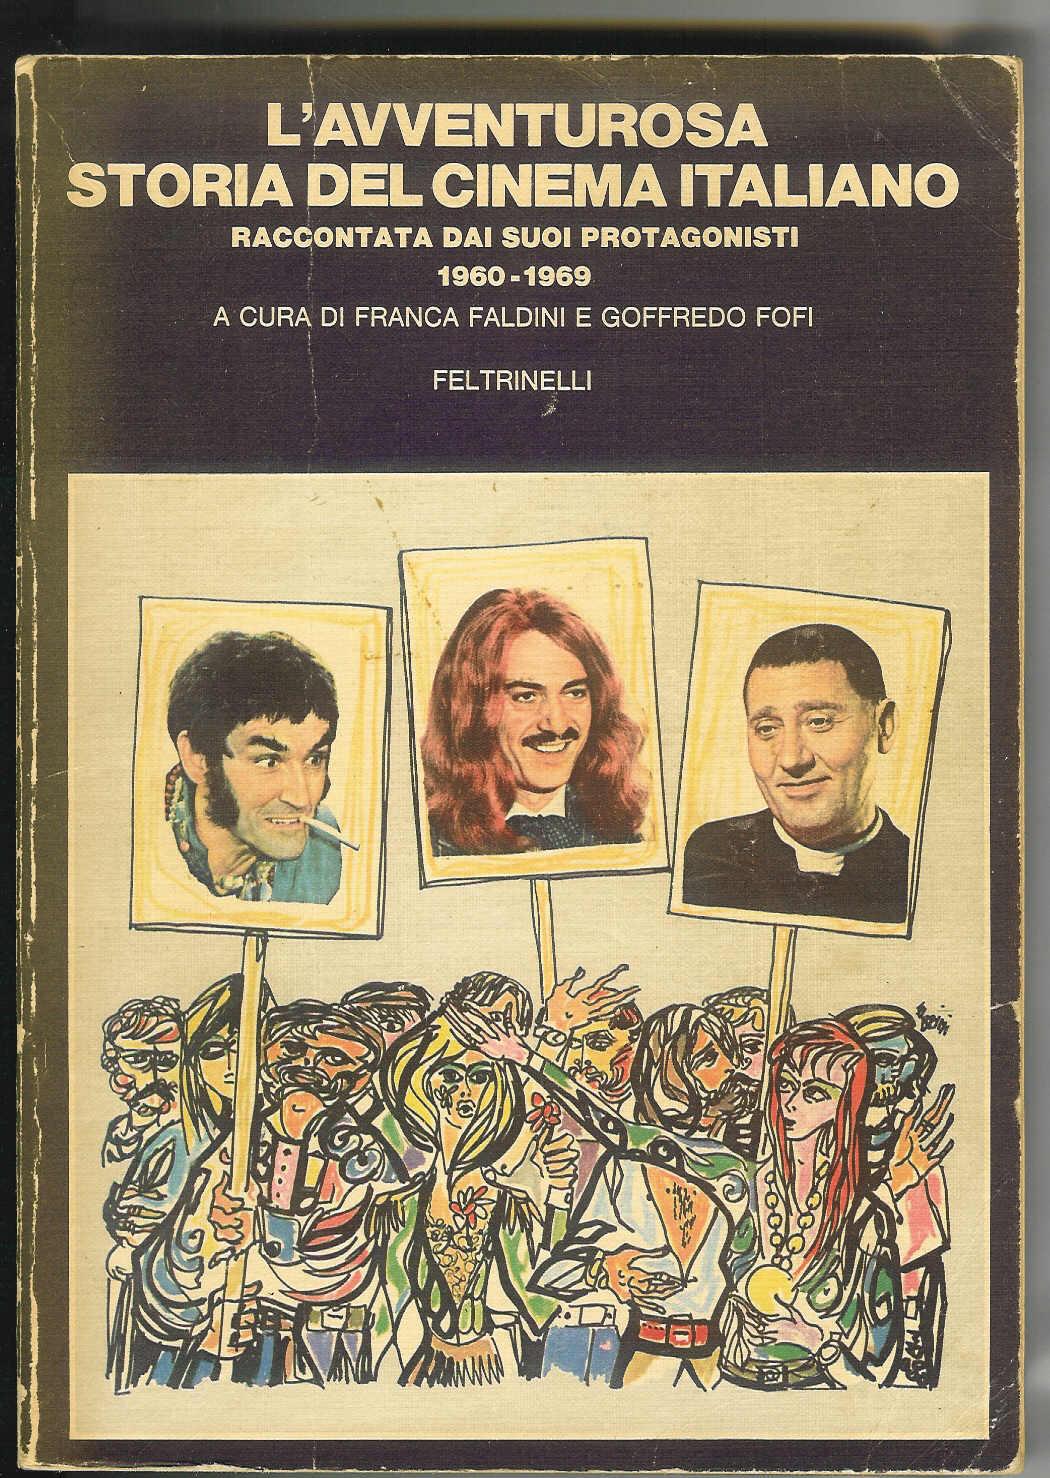 L'avventurosa storia del cinema italiano 1960-1969